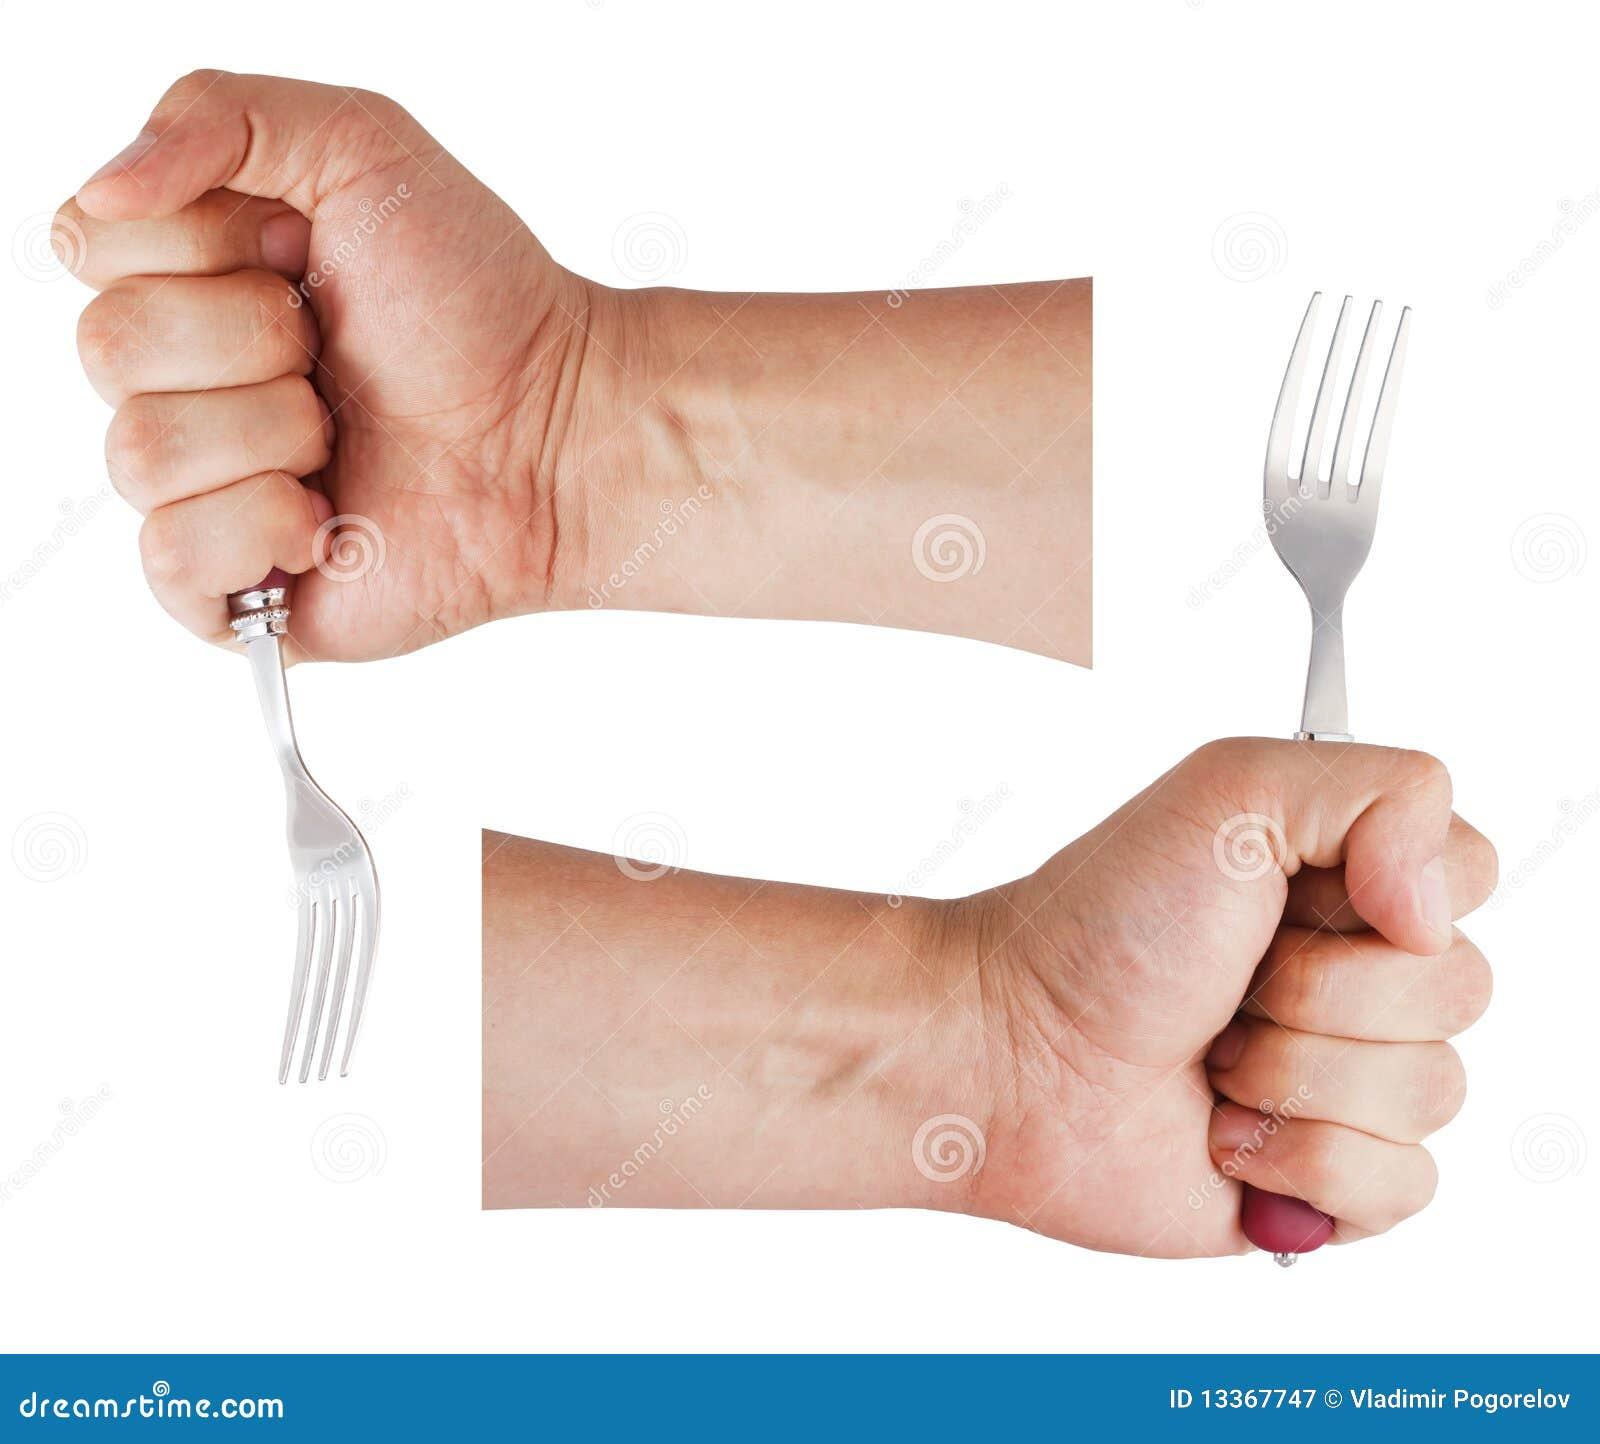 https://thumbs.dreamstime.com/z/man-s-hand-holds-fork-13367747.jpg